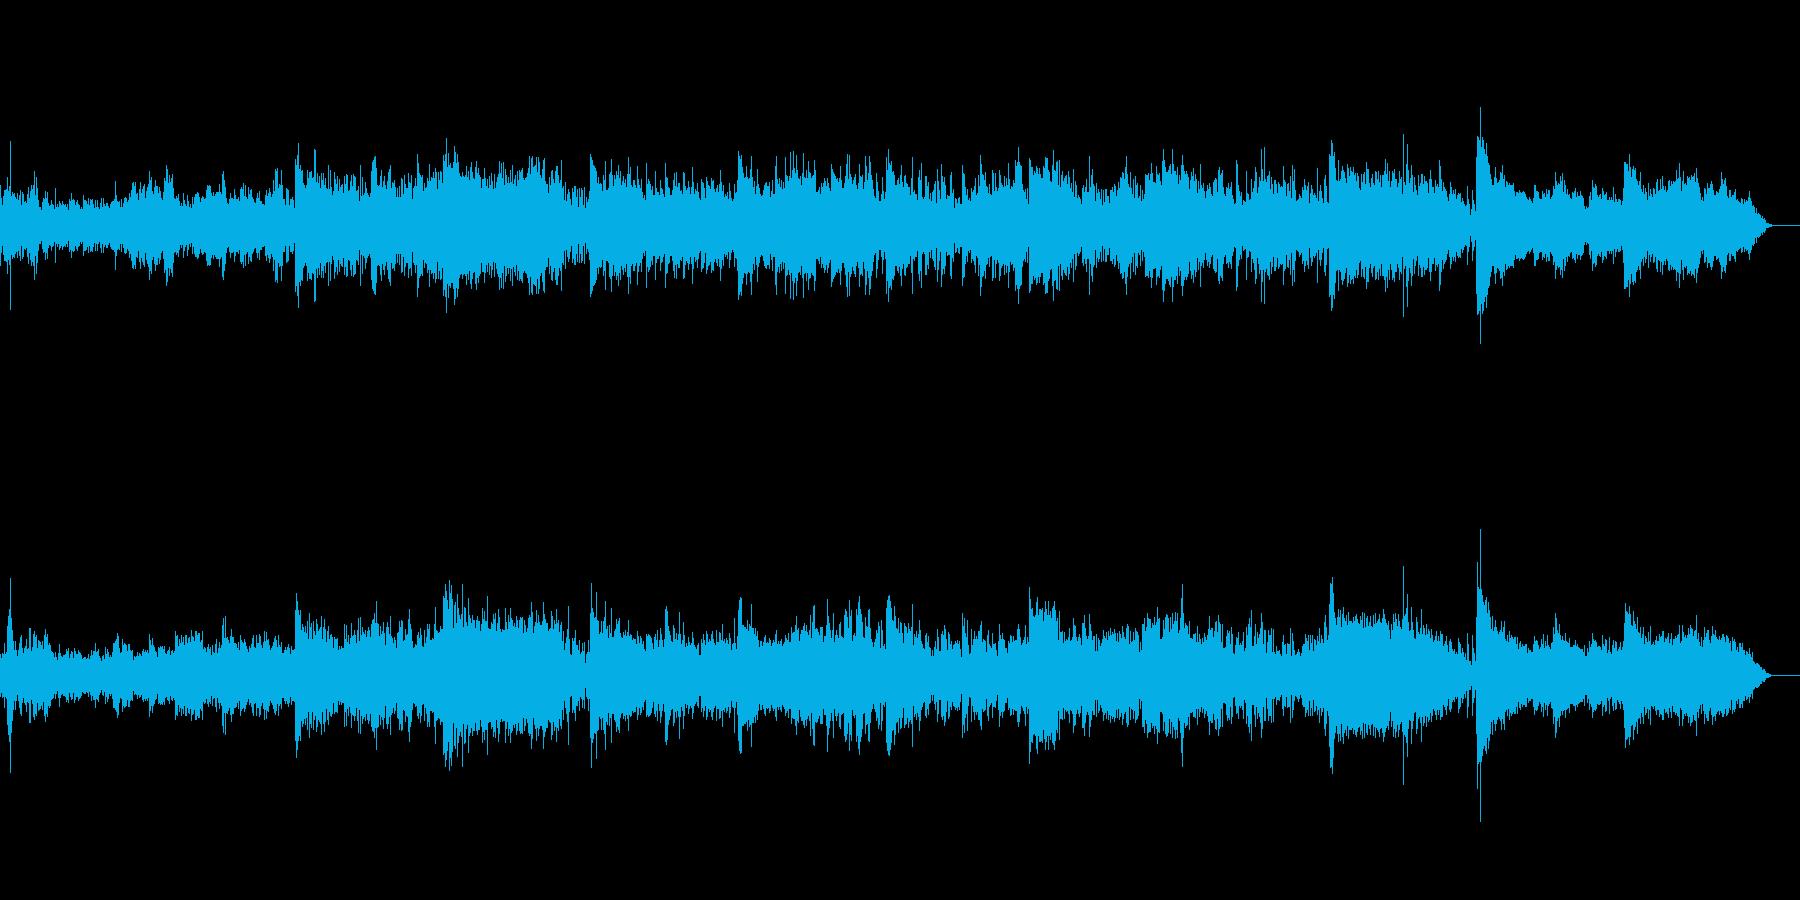 薄明かりのようなアンビエントIDMの再生済みの波形